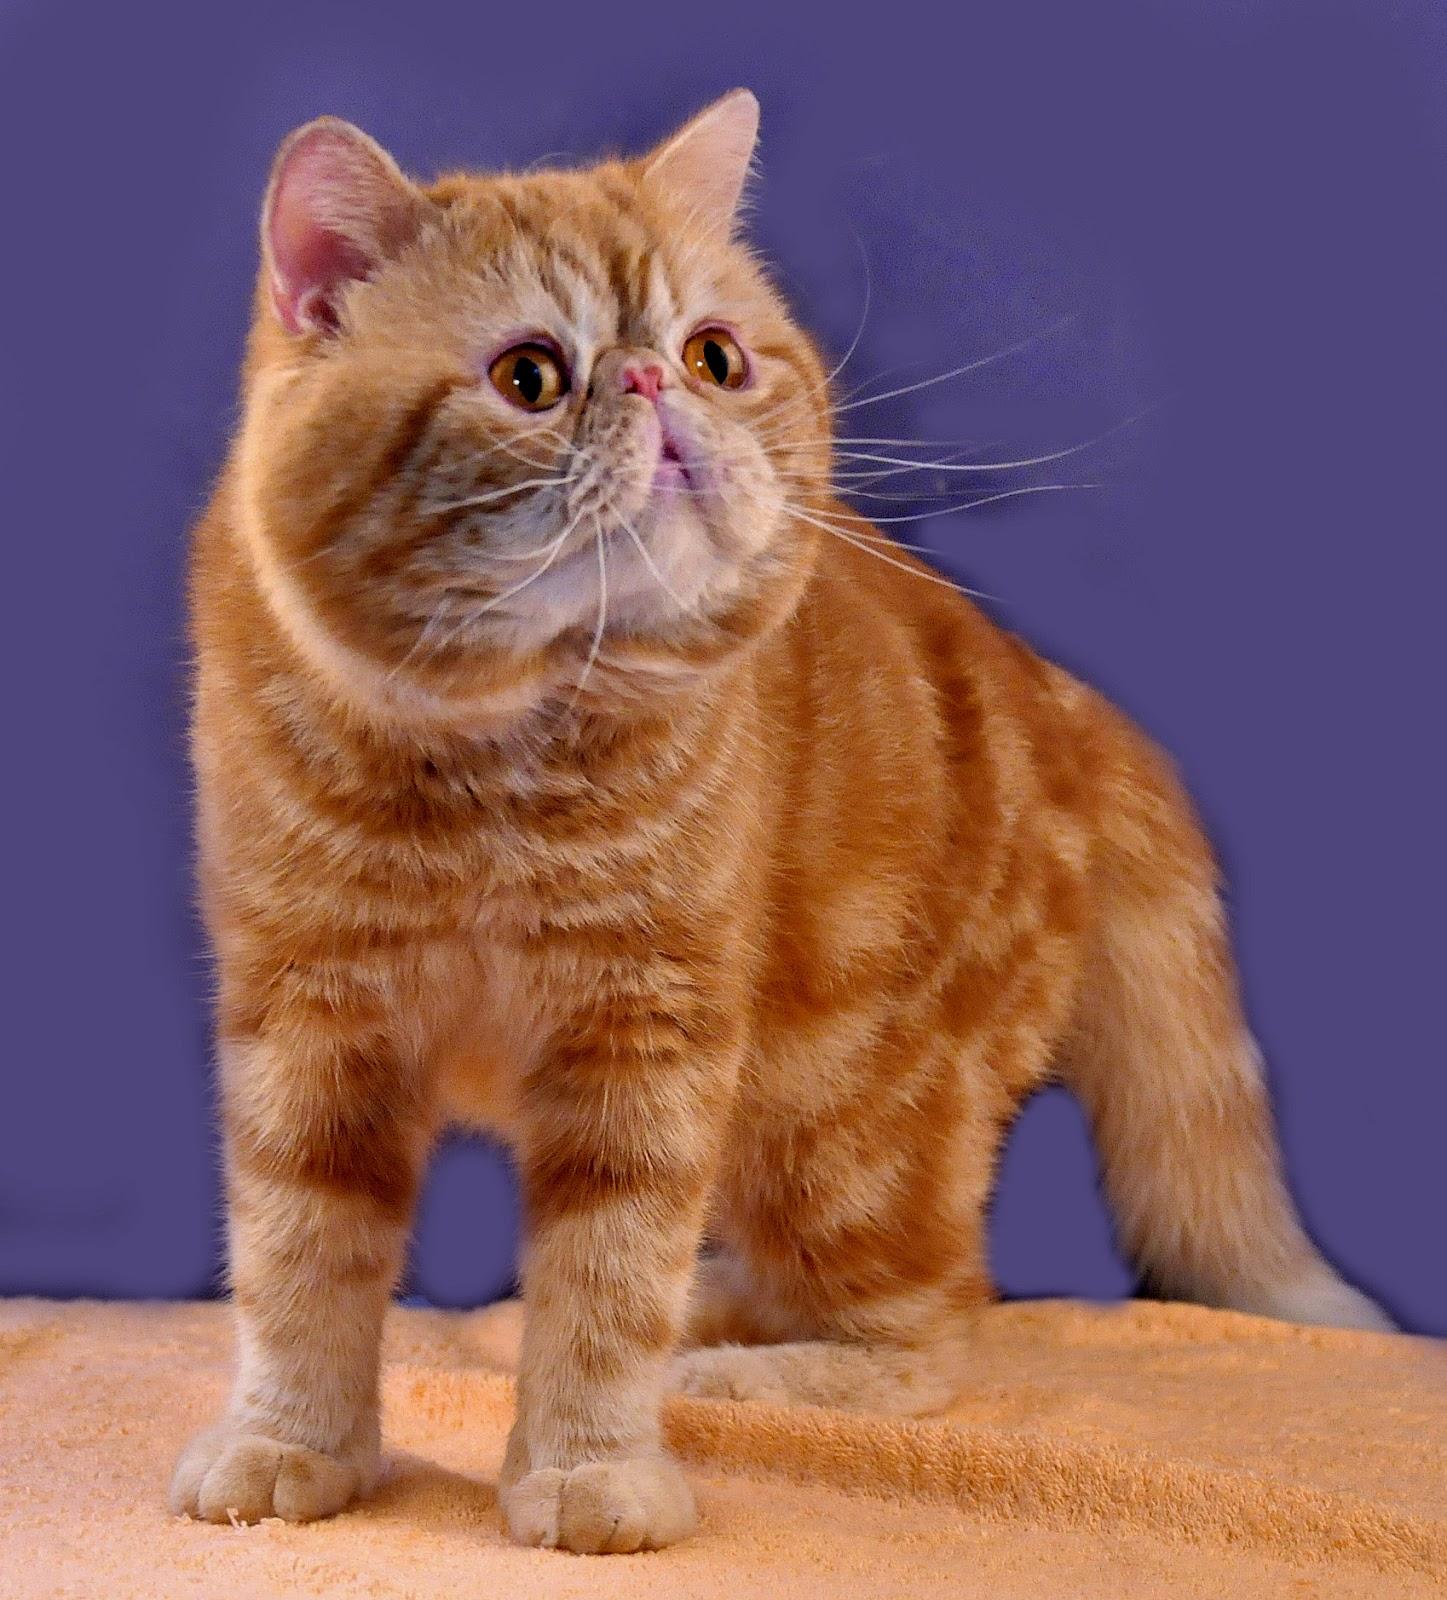 Warna Rambut Kucingku Orange Dan Kembang Telon